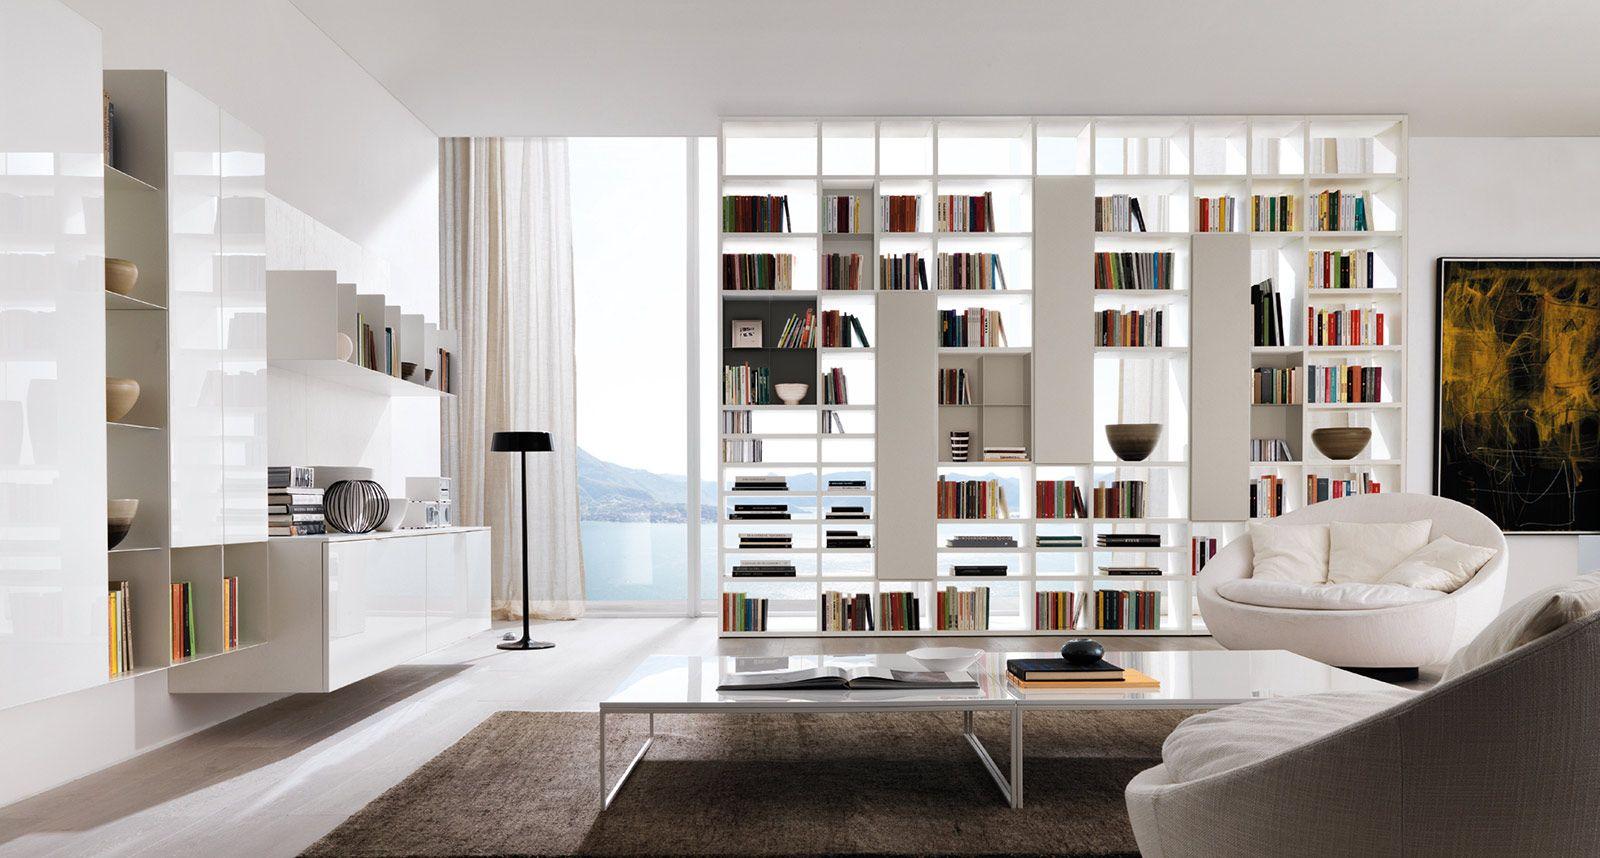 Librerie bifacciali per separare ambienti | Casa | Design ...